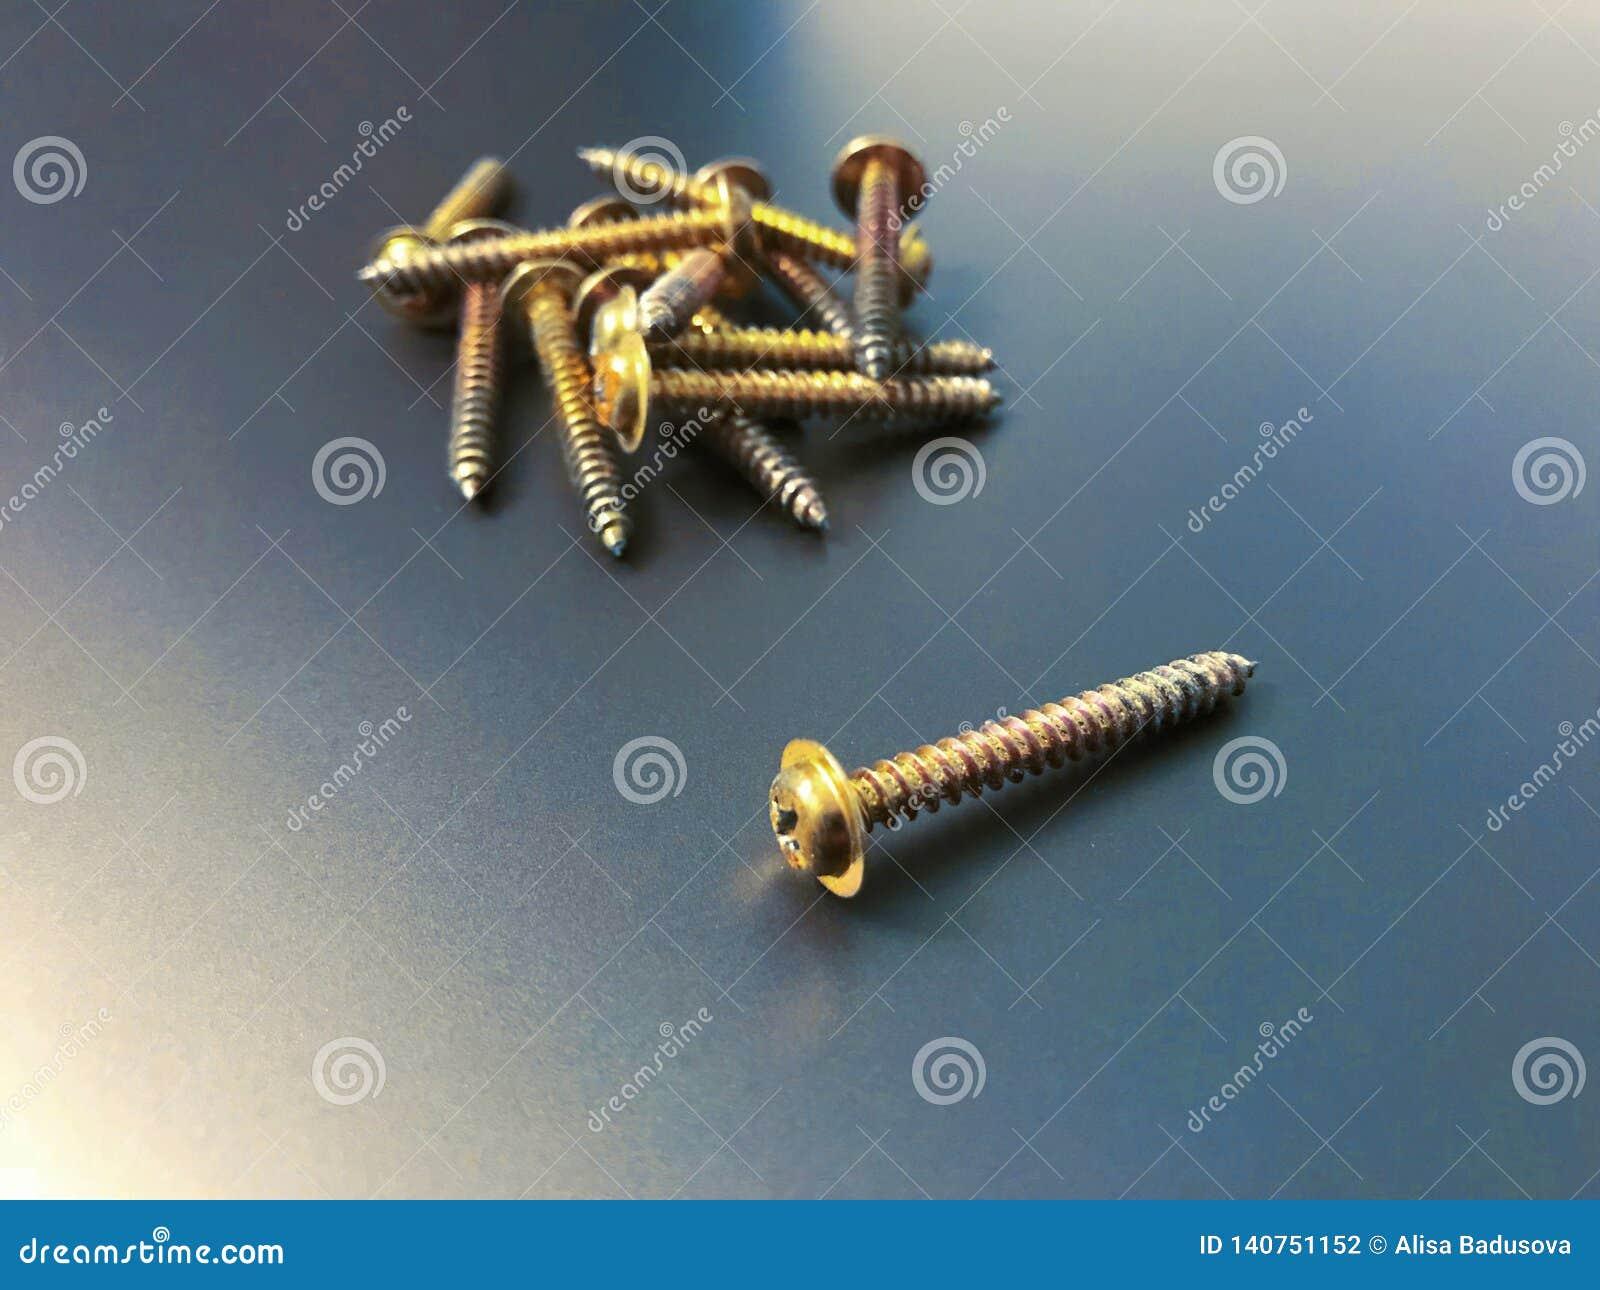 Stukający śruby robić stal, metal śruba, żelazo śruba, chrom śruba, śruby jako tło, drewno śruba z odosobnionym